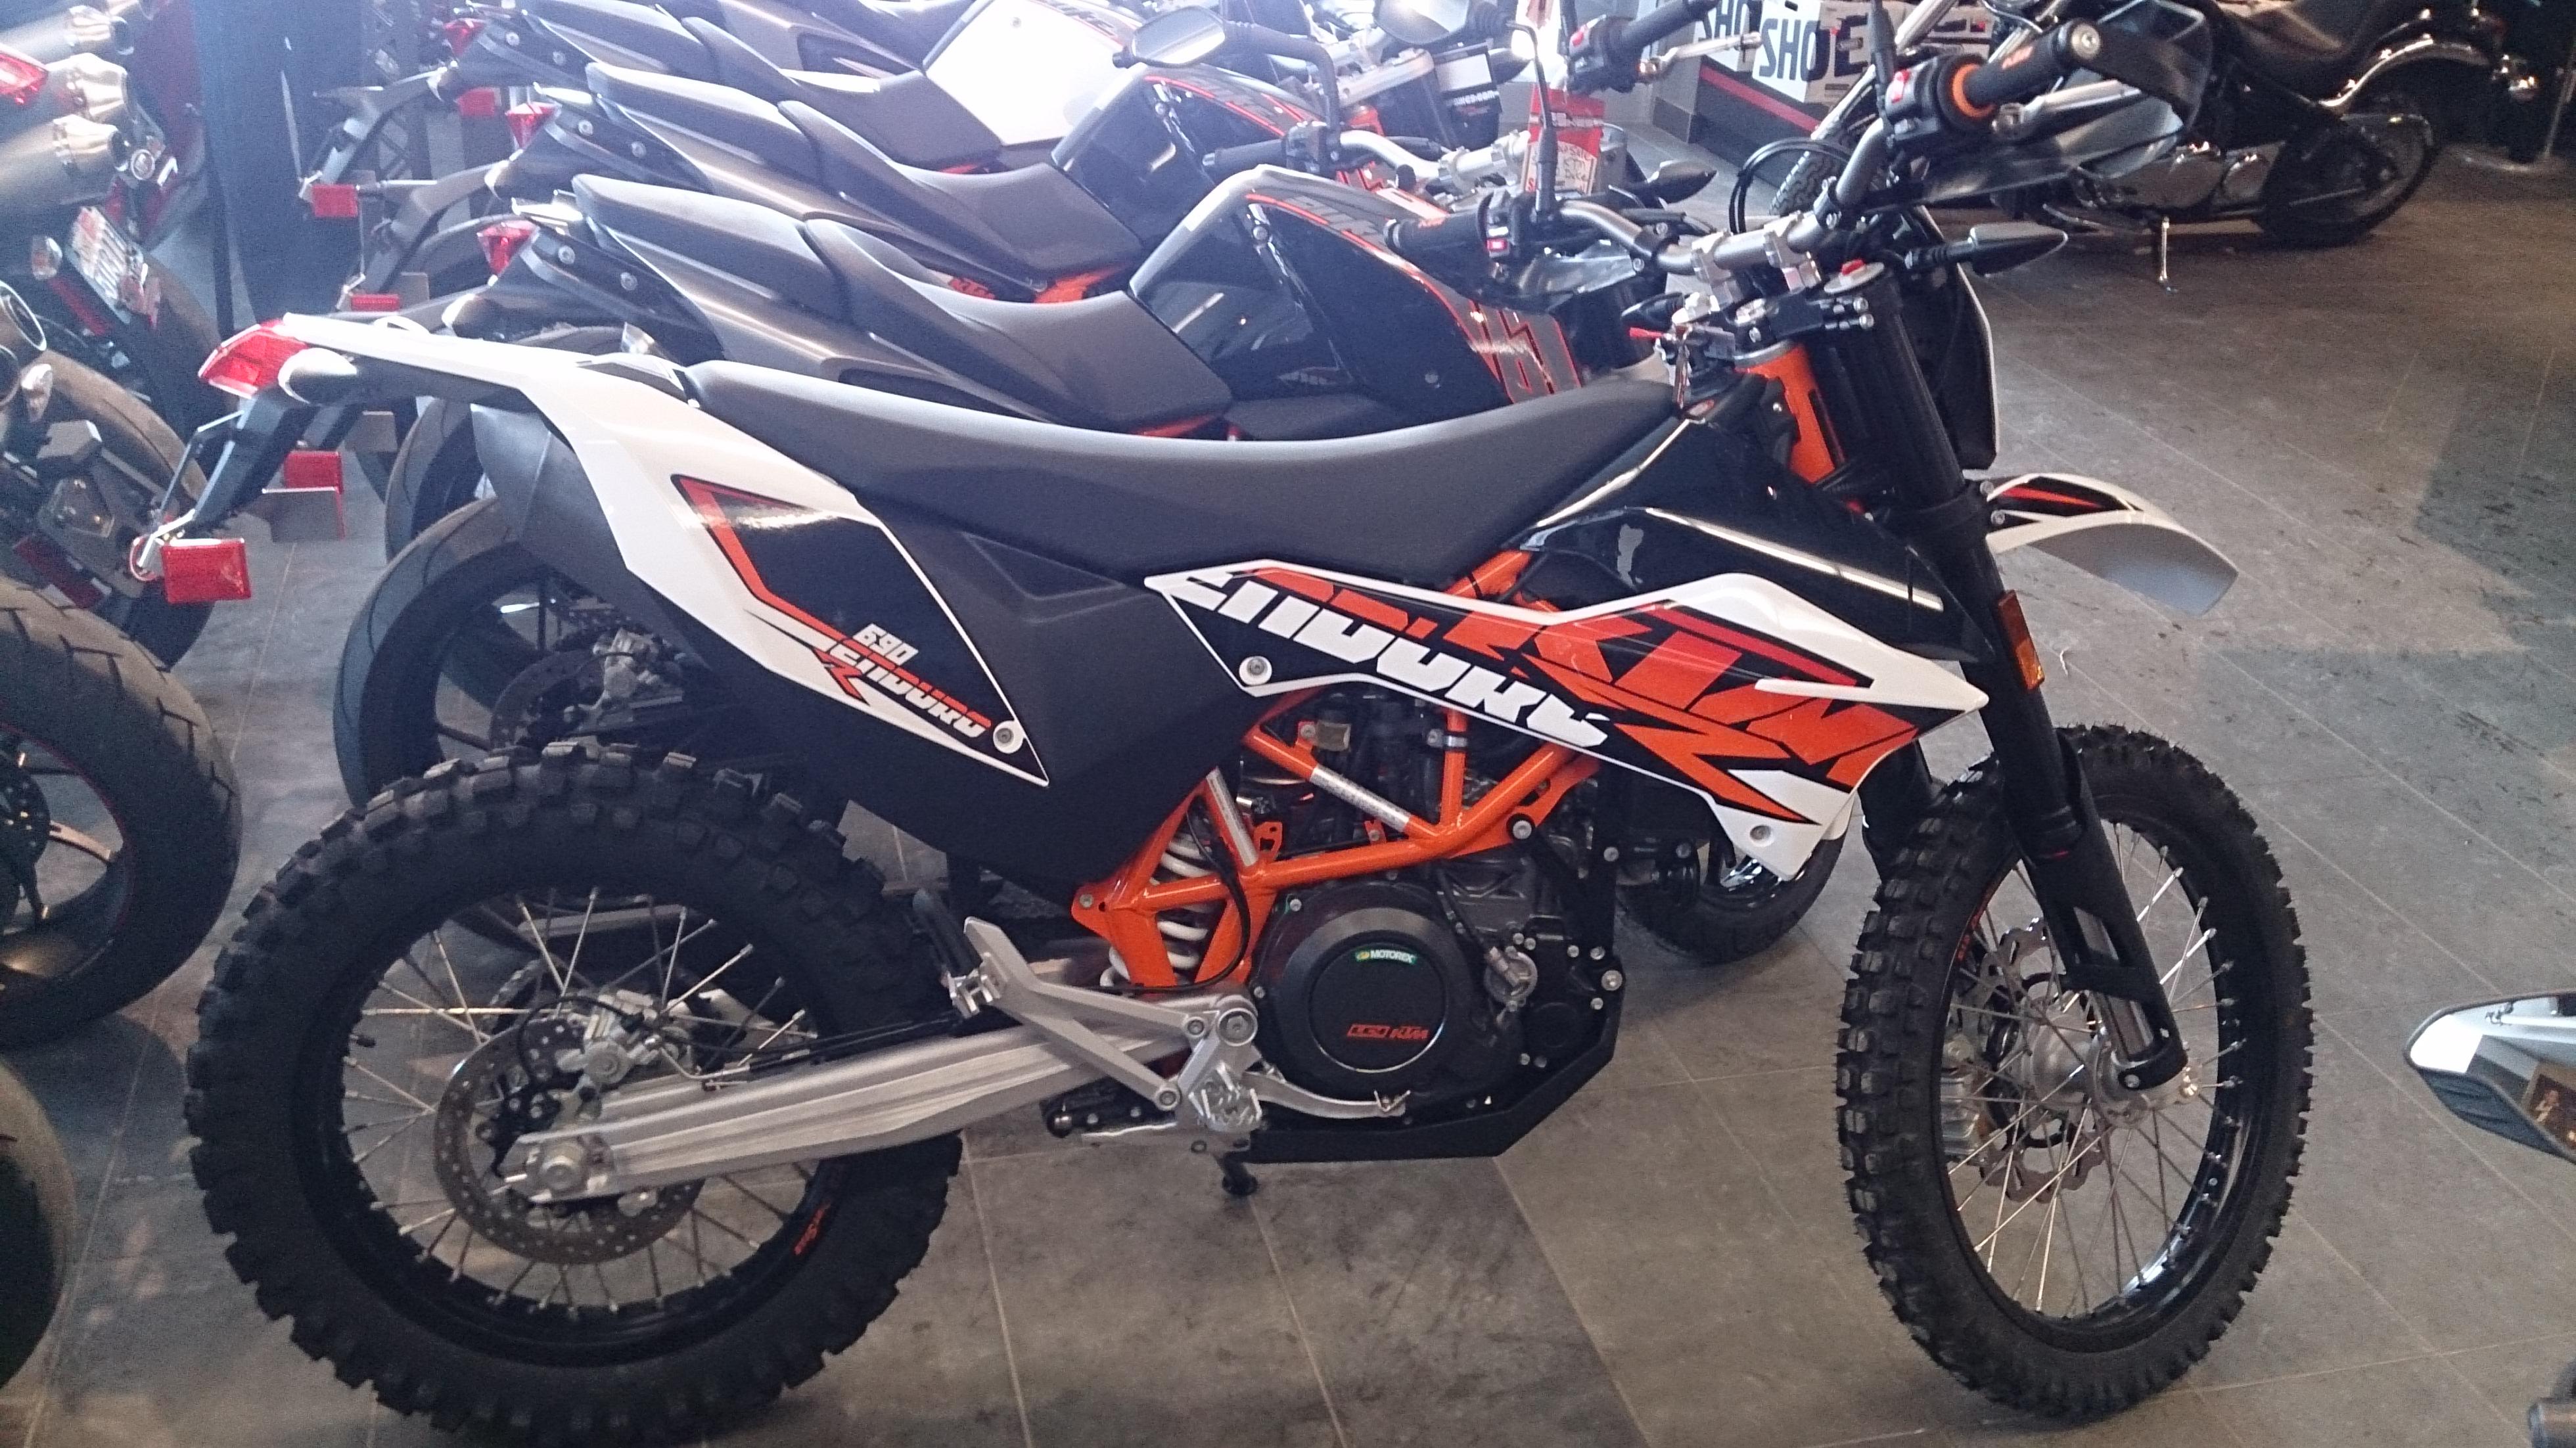 2012 ktm 690 enduro r as 2nd bike.